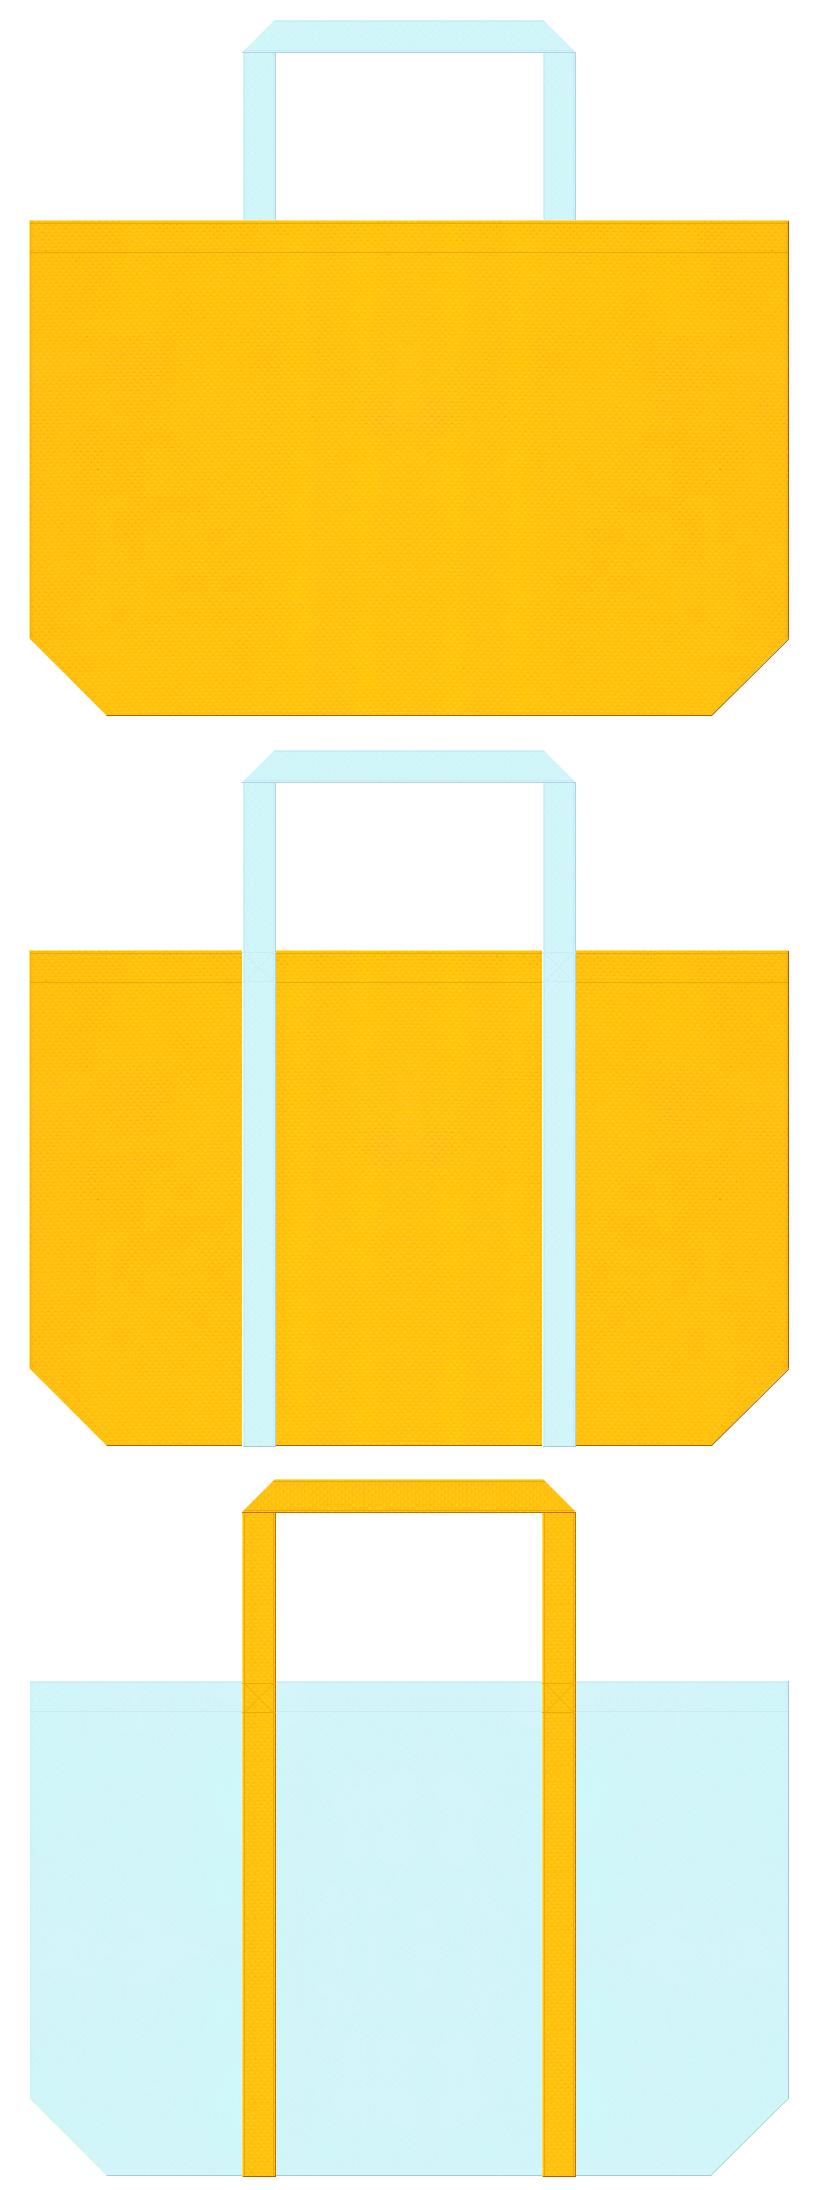 黄色と水色の不織布バッグデザイン。サプリメントの販促ノベルティにお奨めの配色です。